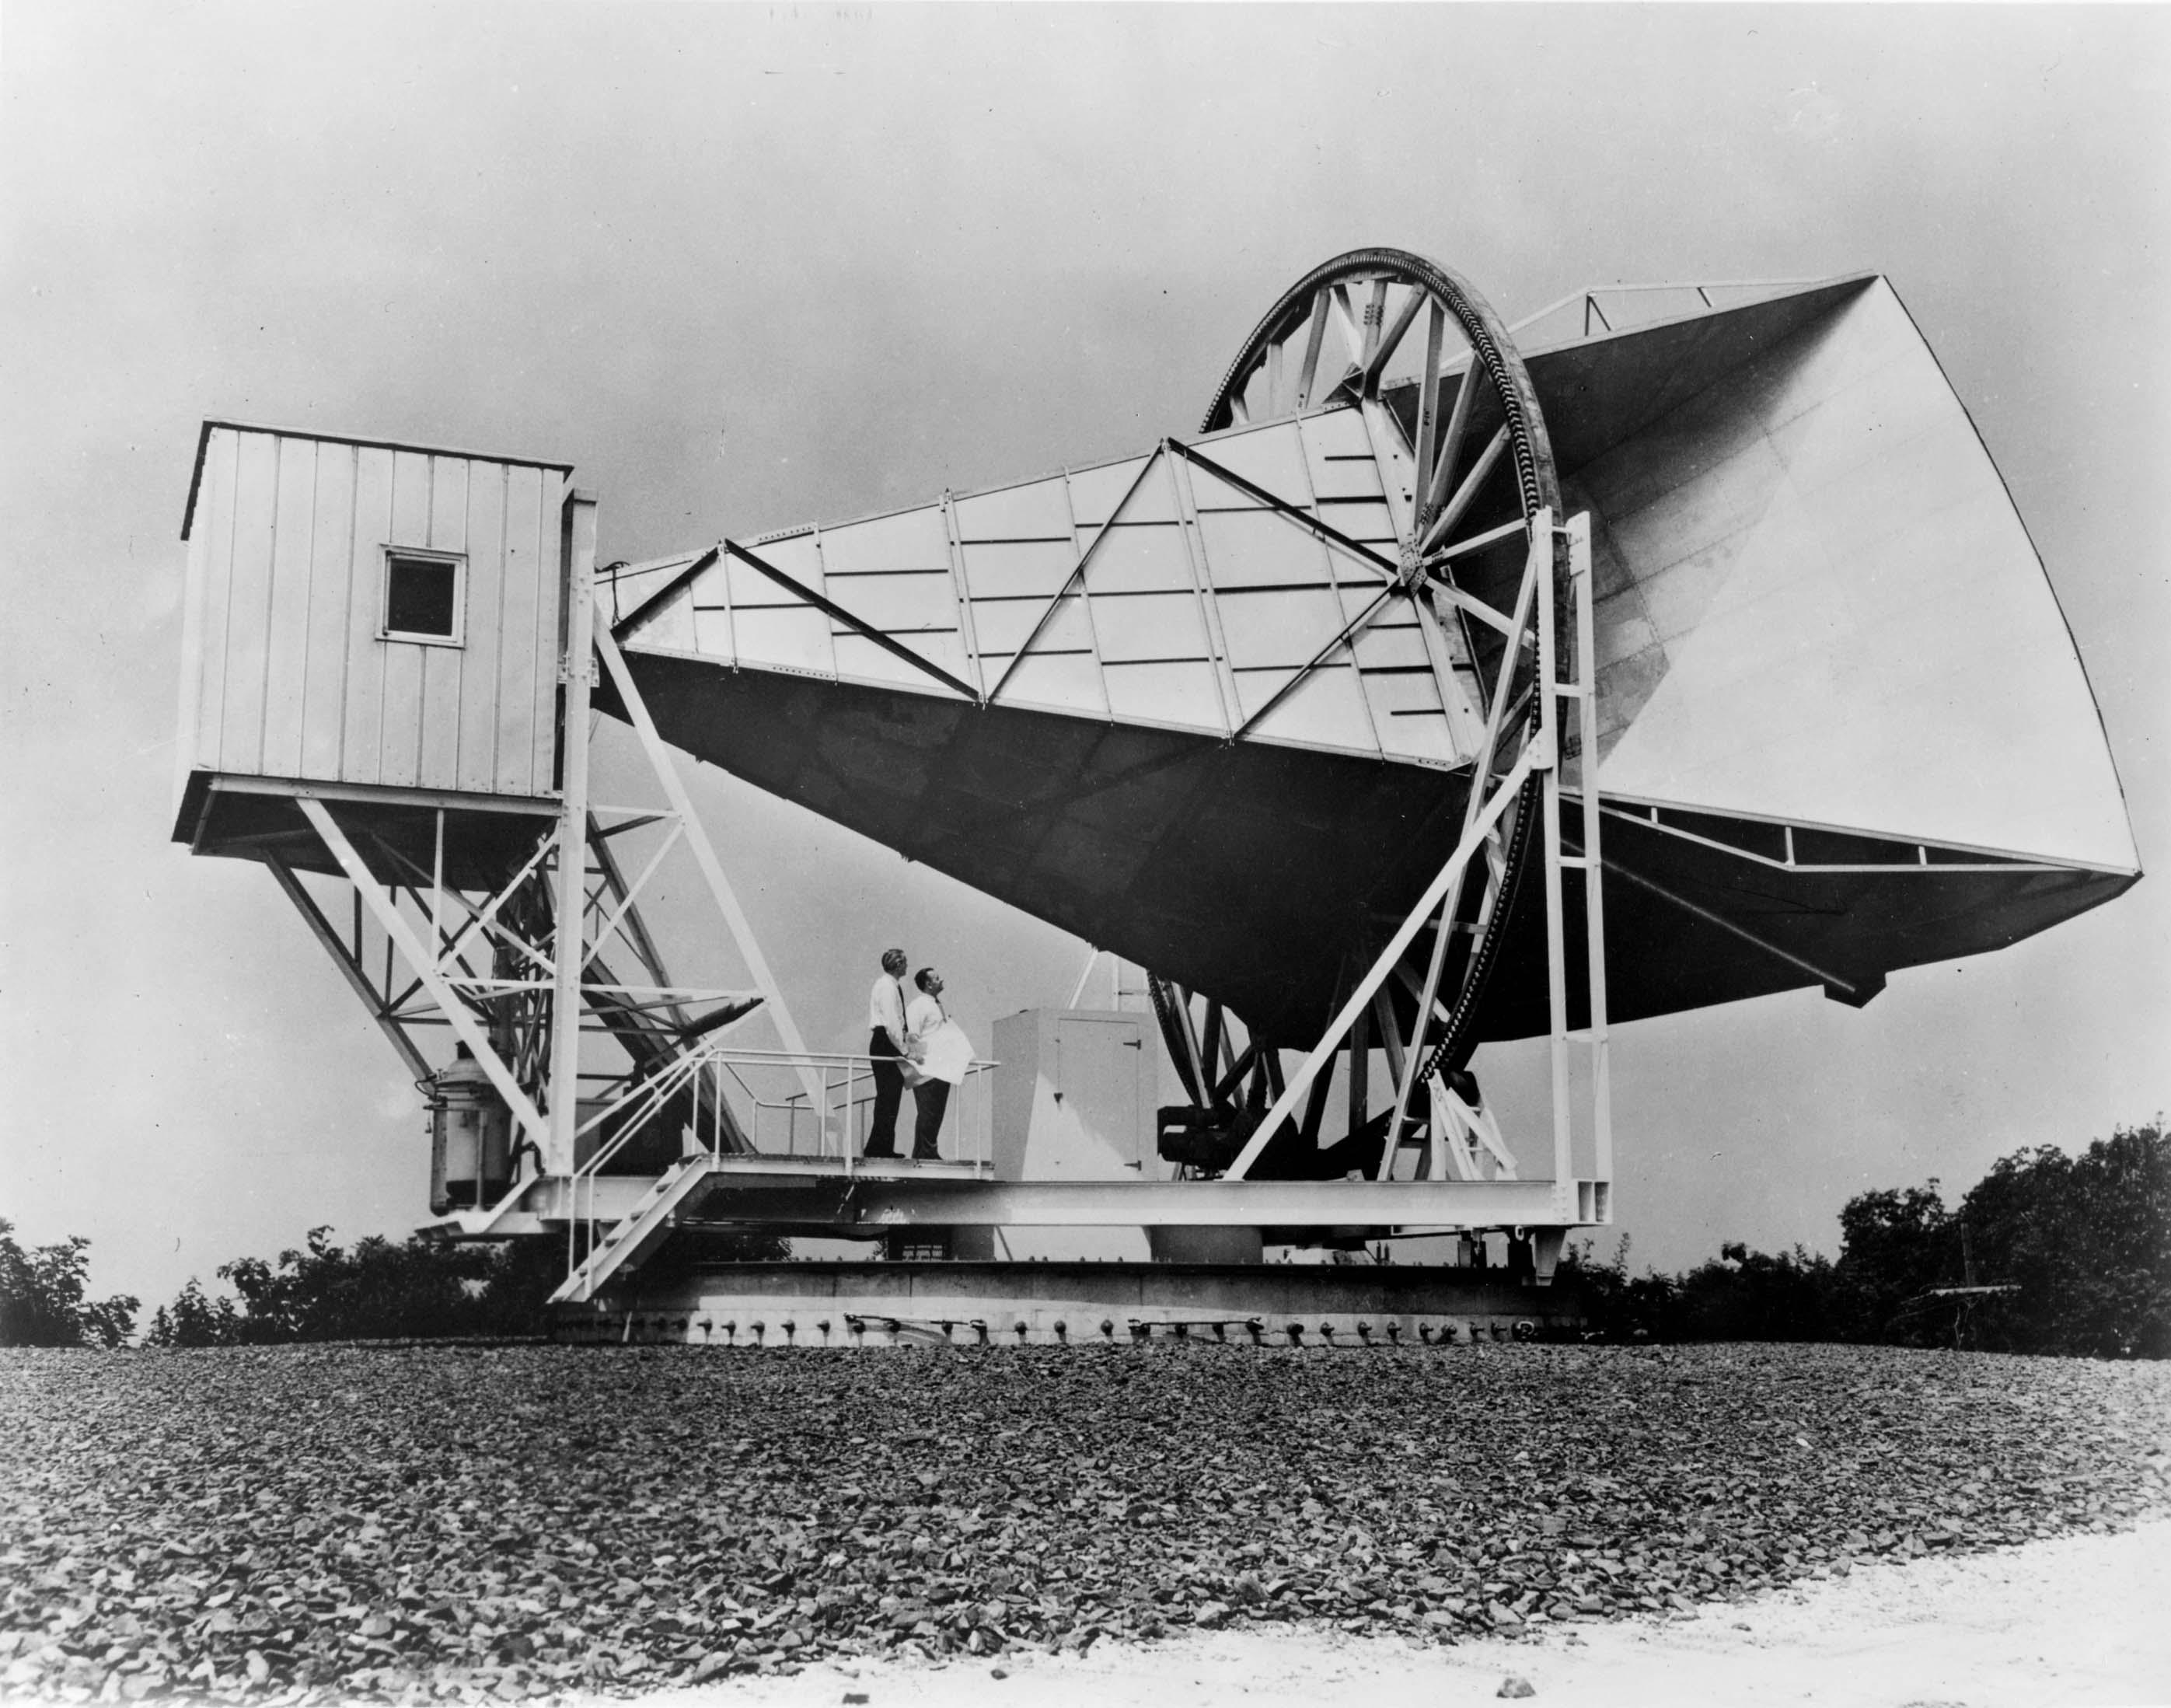 Die Holndel-Antenne mit der Wilson und Penzias ihre Entdeckung gemacht haben (Bild: NASA, public domain)